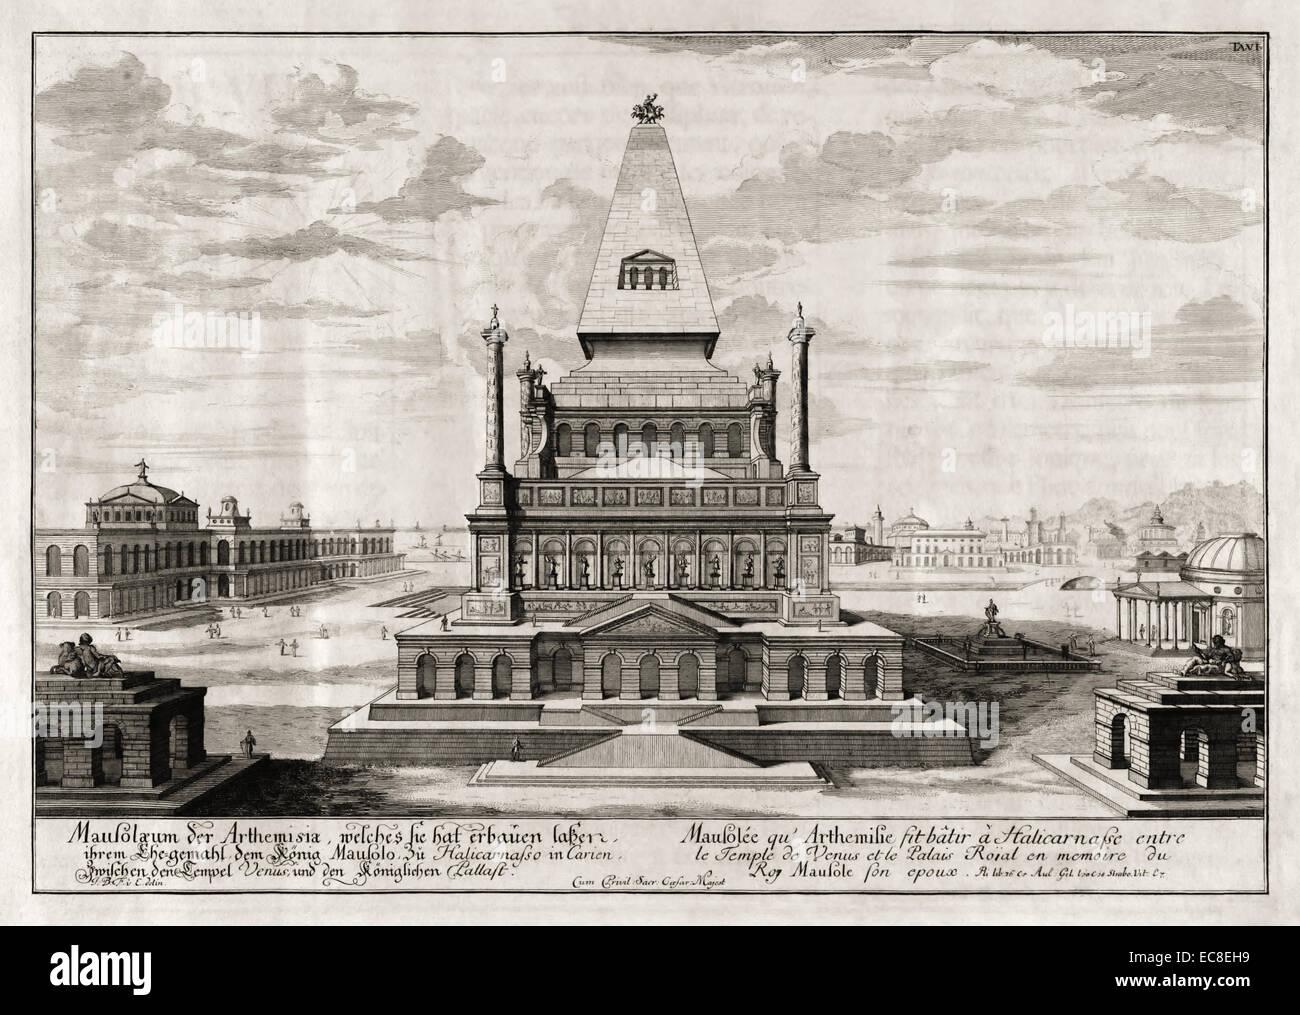 Mausoleum von Halikarnassos, eines der sieben Weltwunder der Antike. Siehe Beschreibung für mehr Informationen. Stockbild